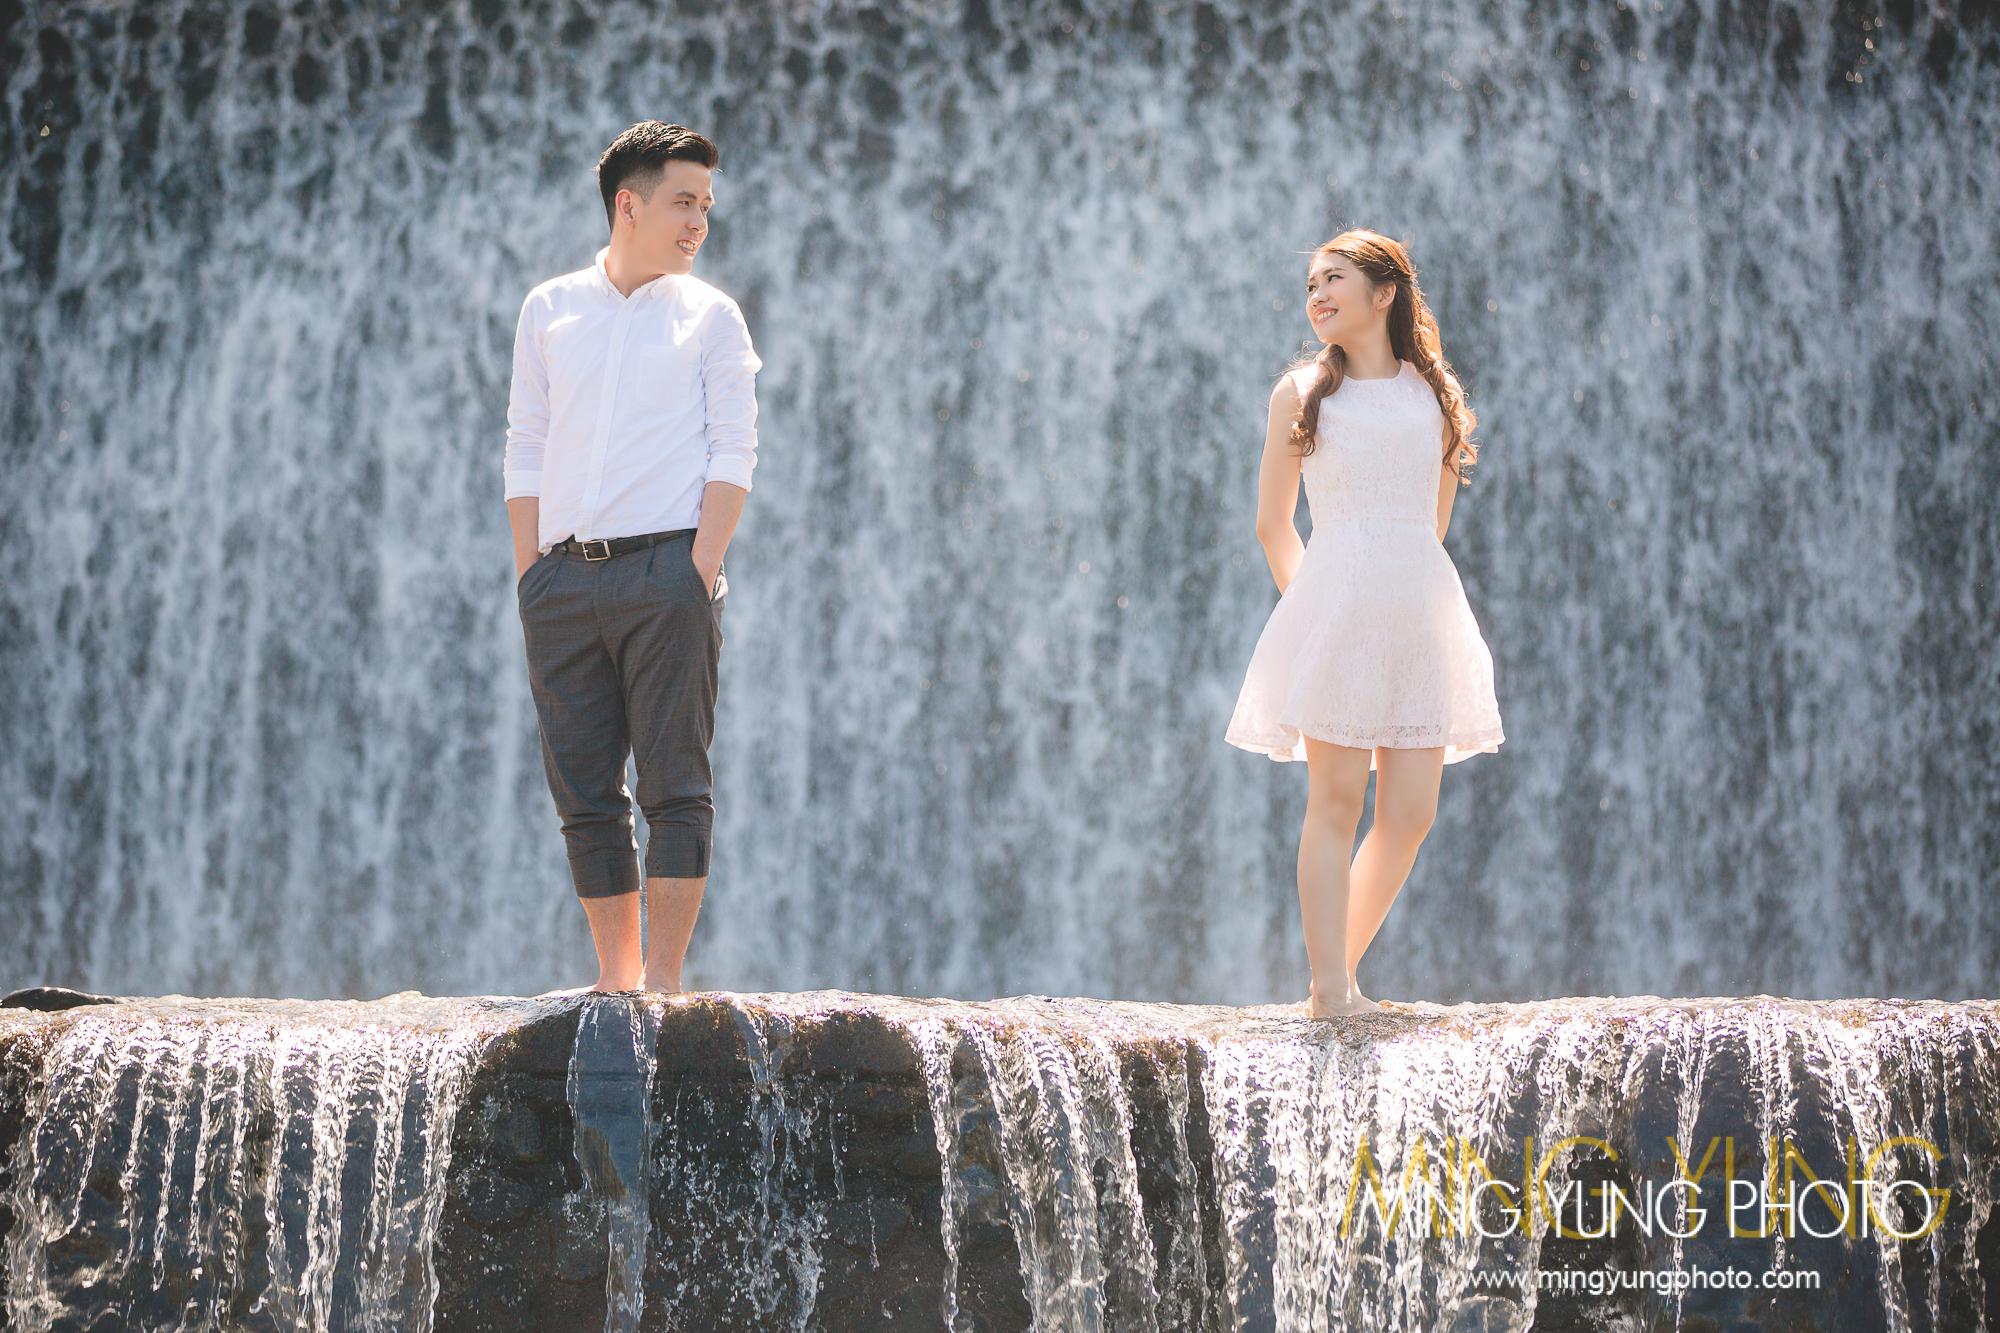 mingyungphoto-20160519-0009